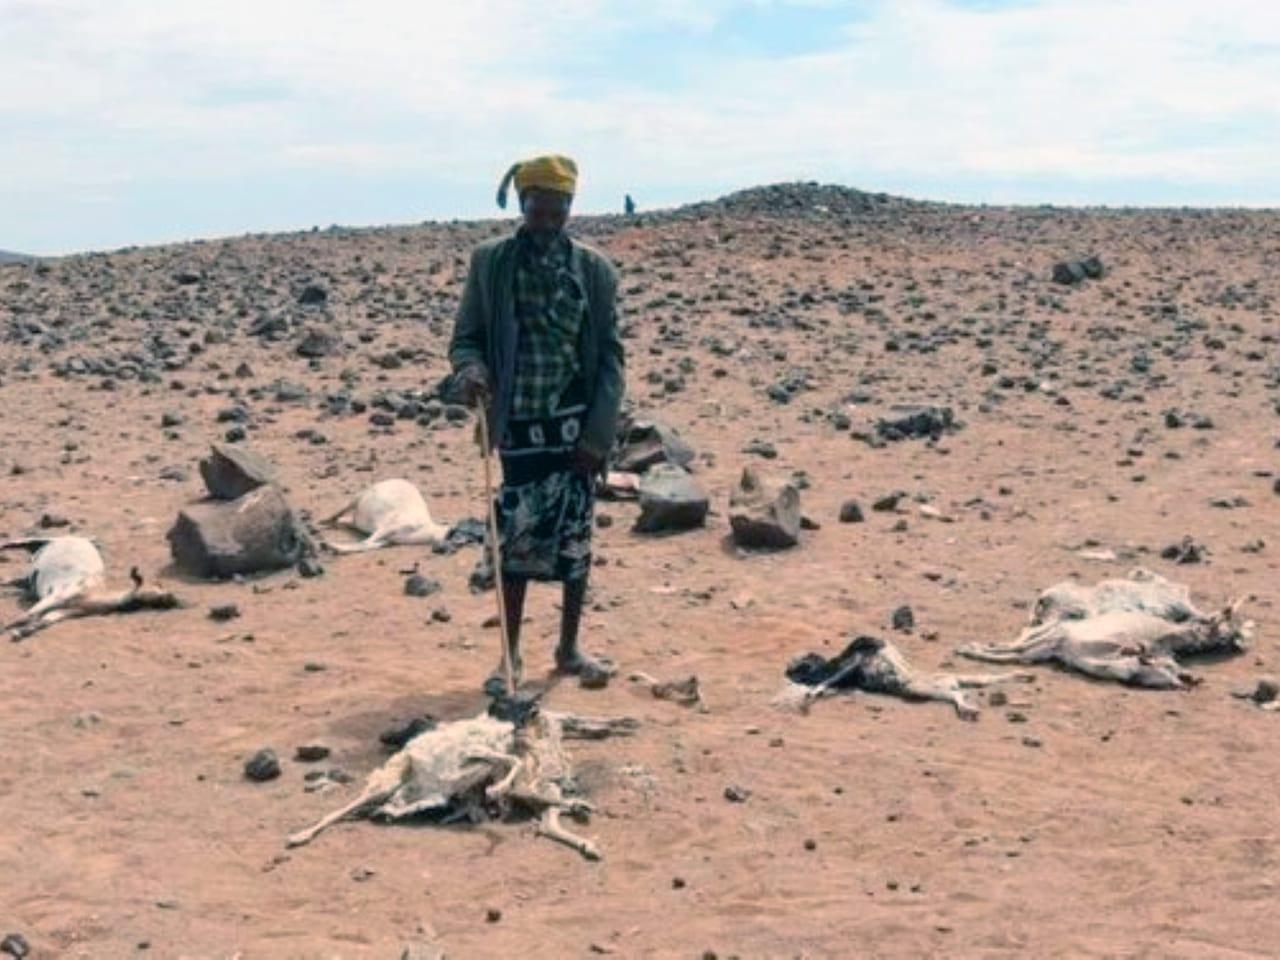 Drought striking hard Kenya's ASAL areas.